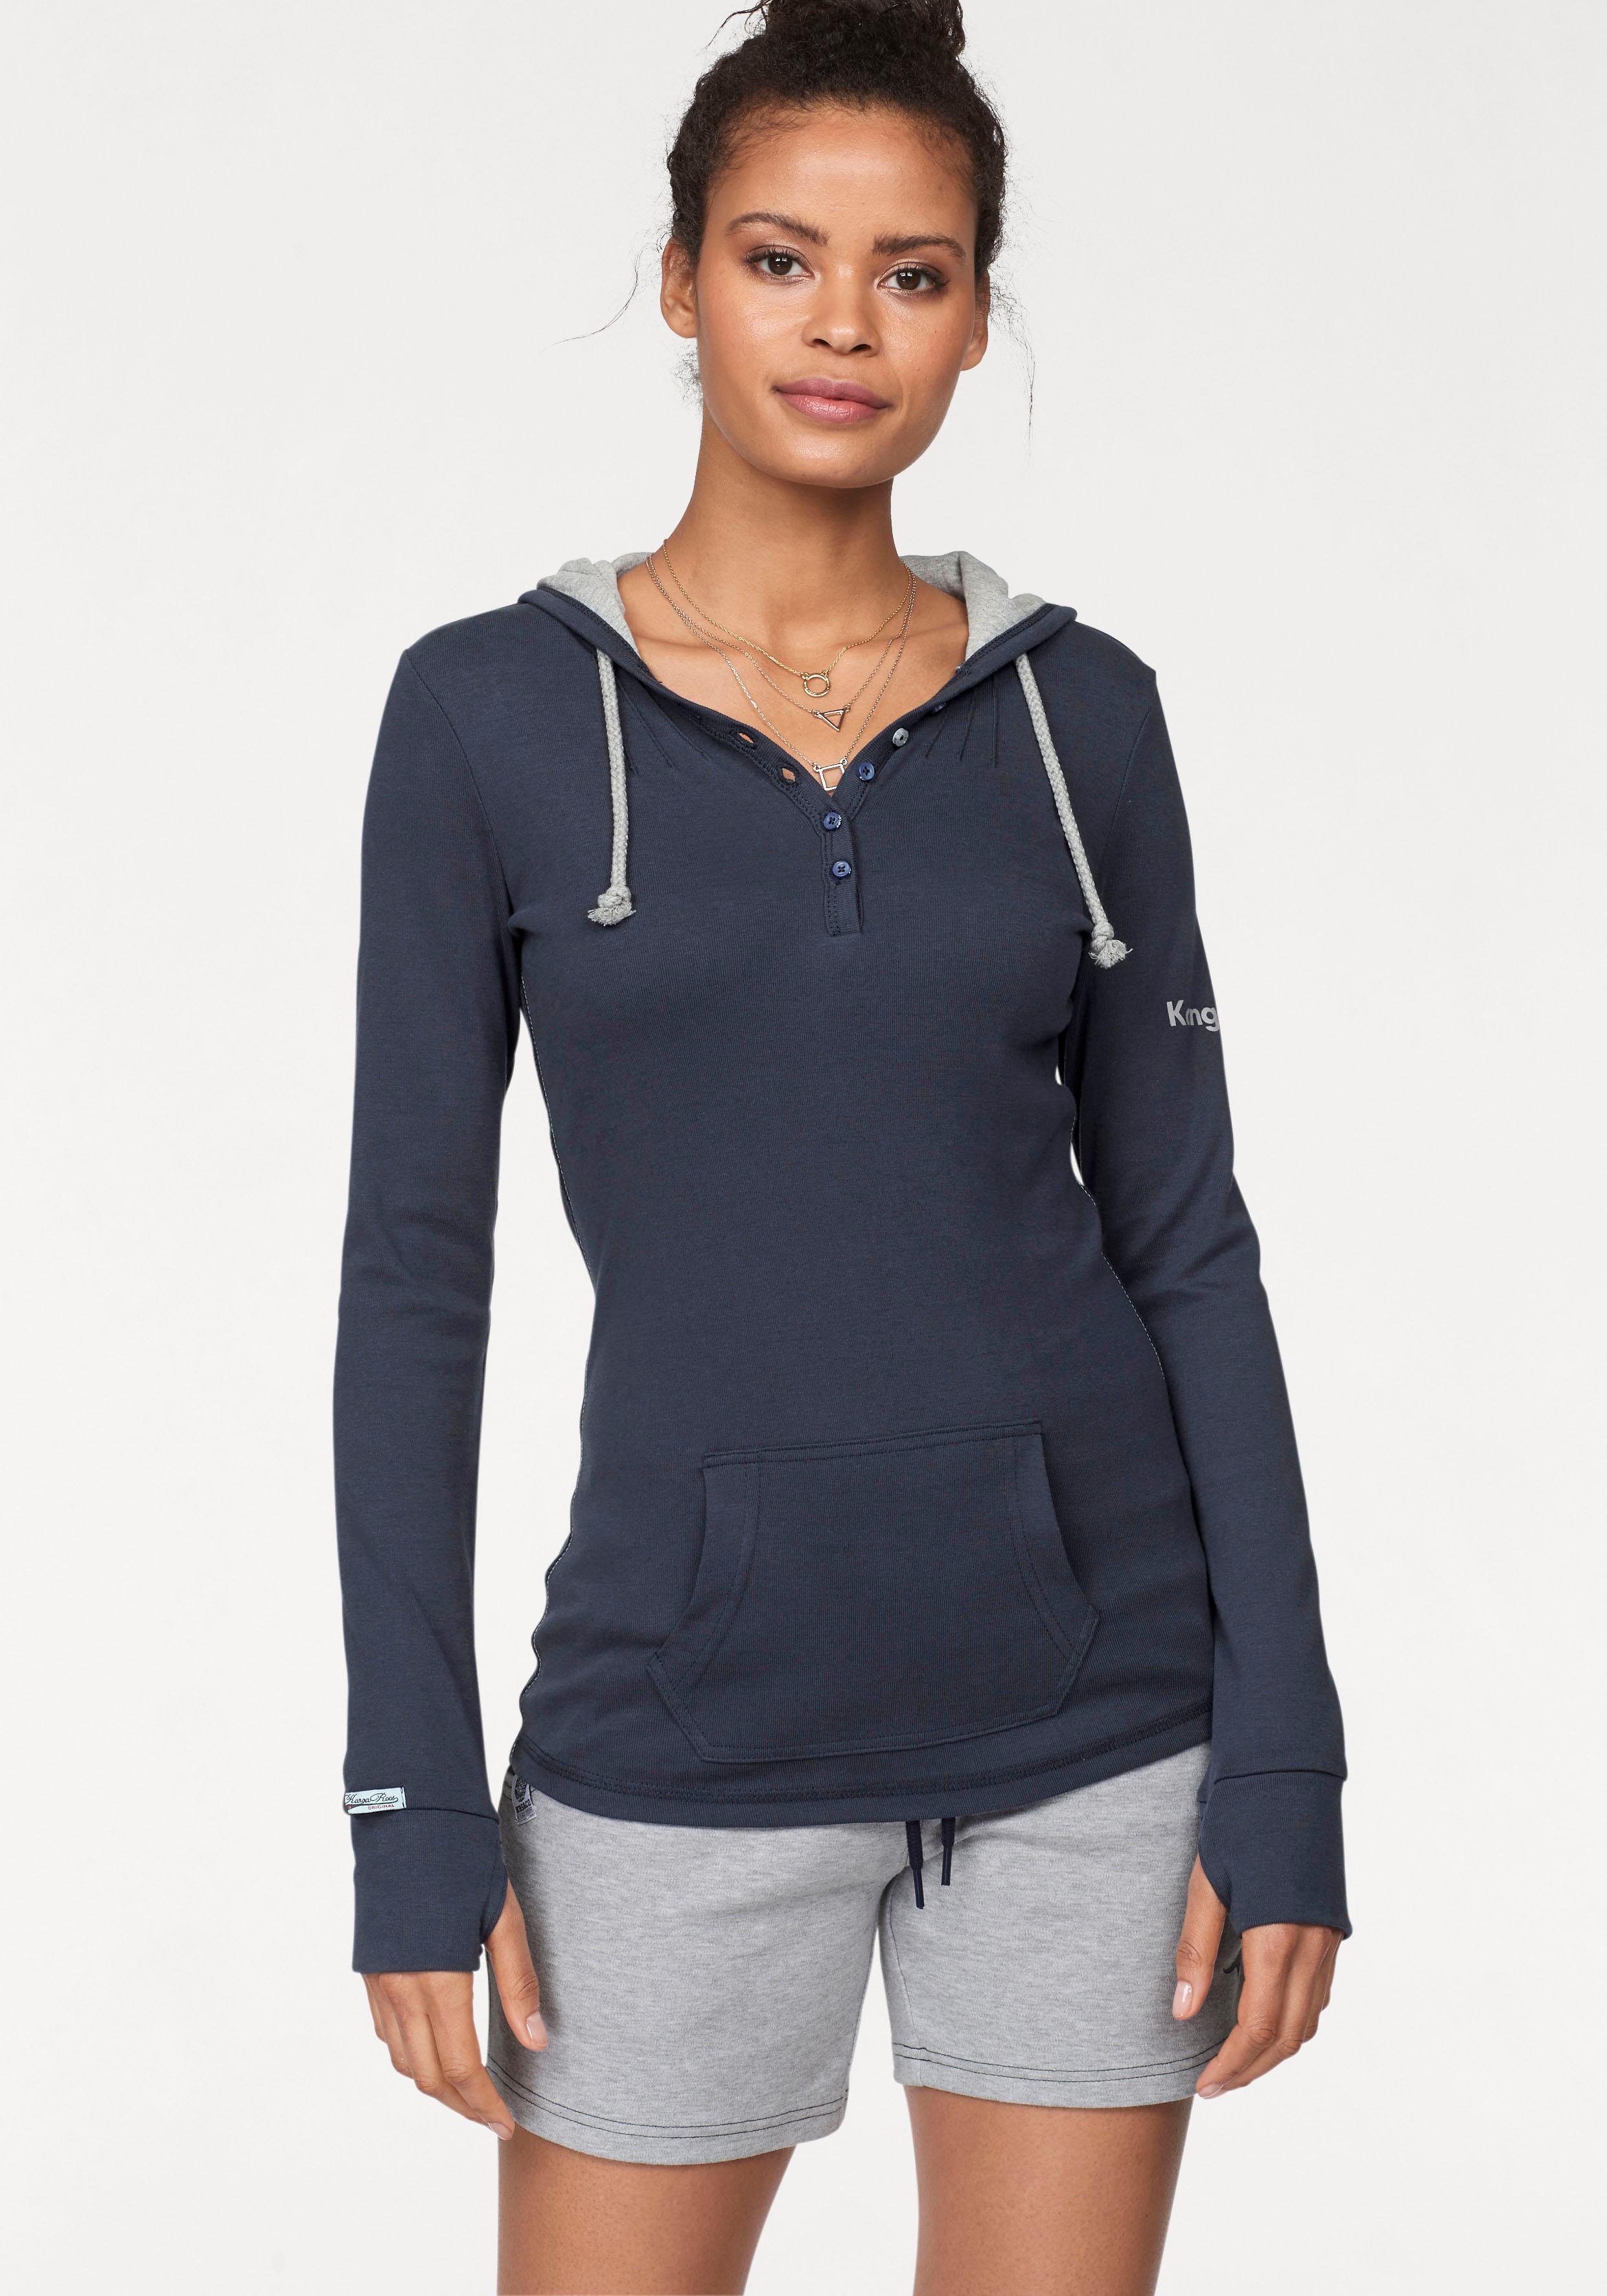 KangaROOS Kapuzenshirt | Bekleidung > Shirts > Kapuzenshirts | Blau | Kangaroos